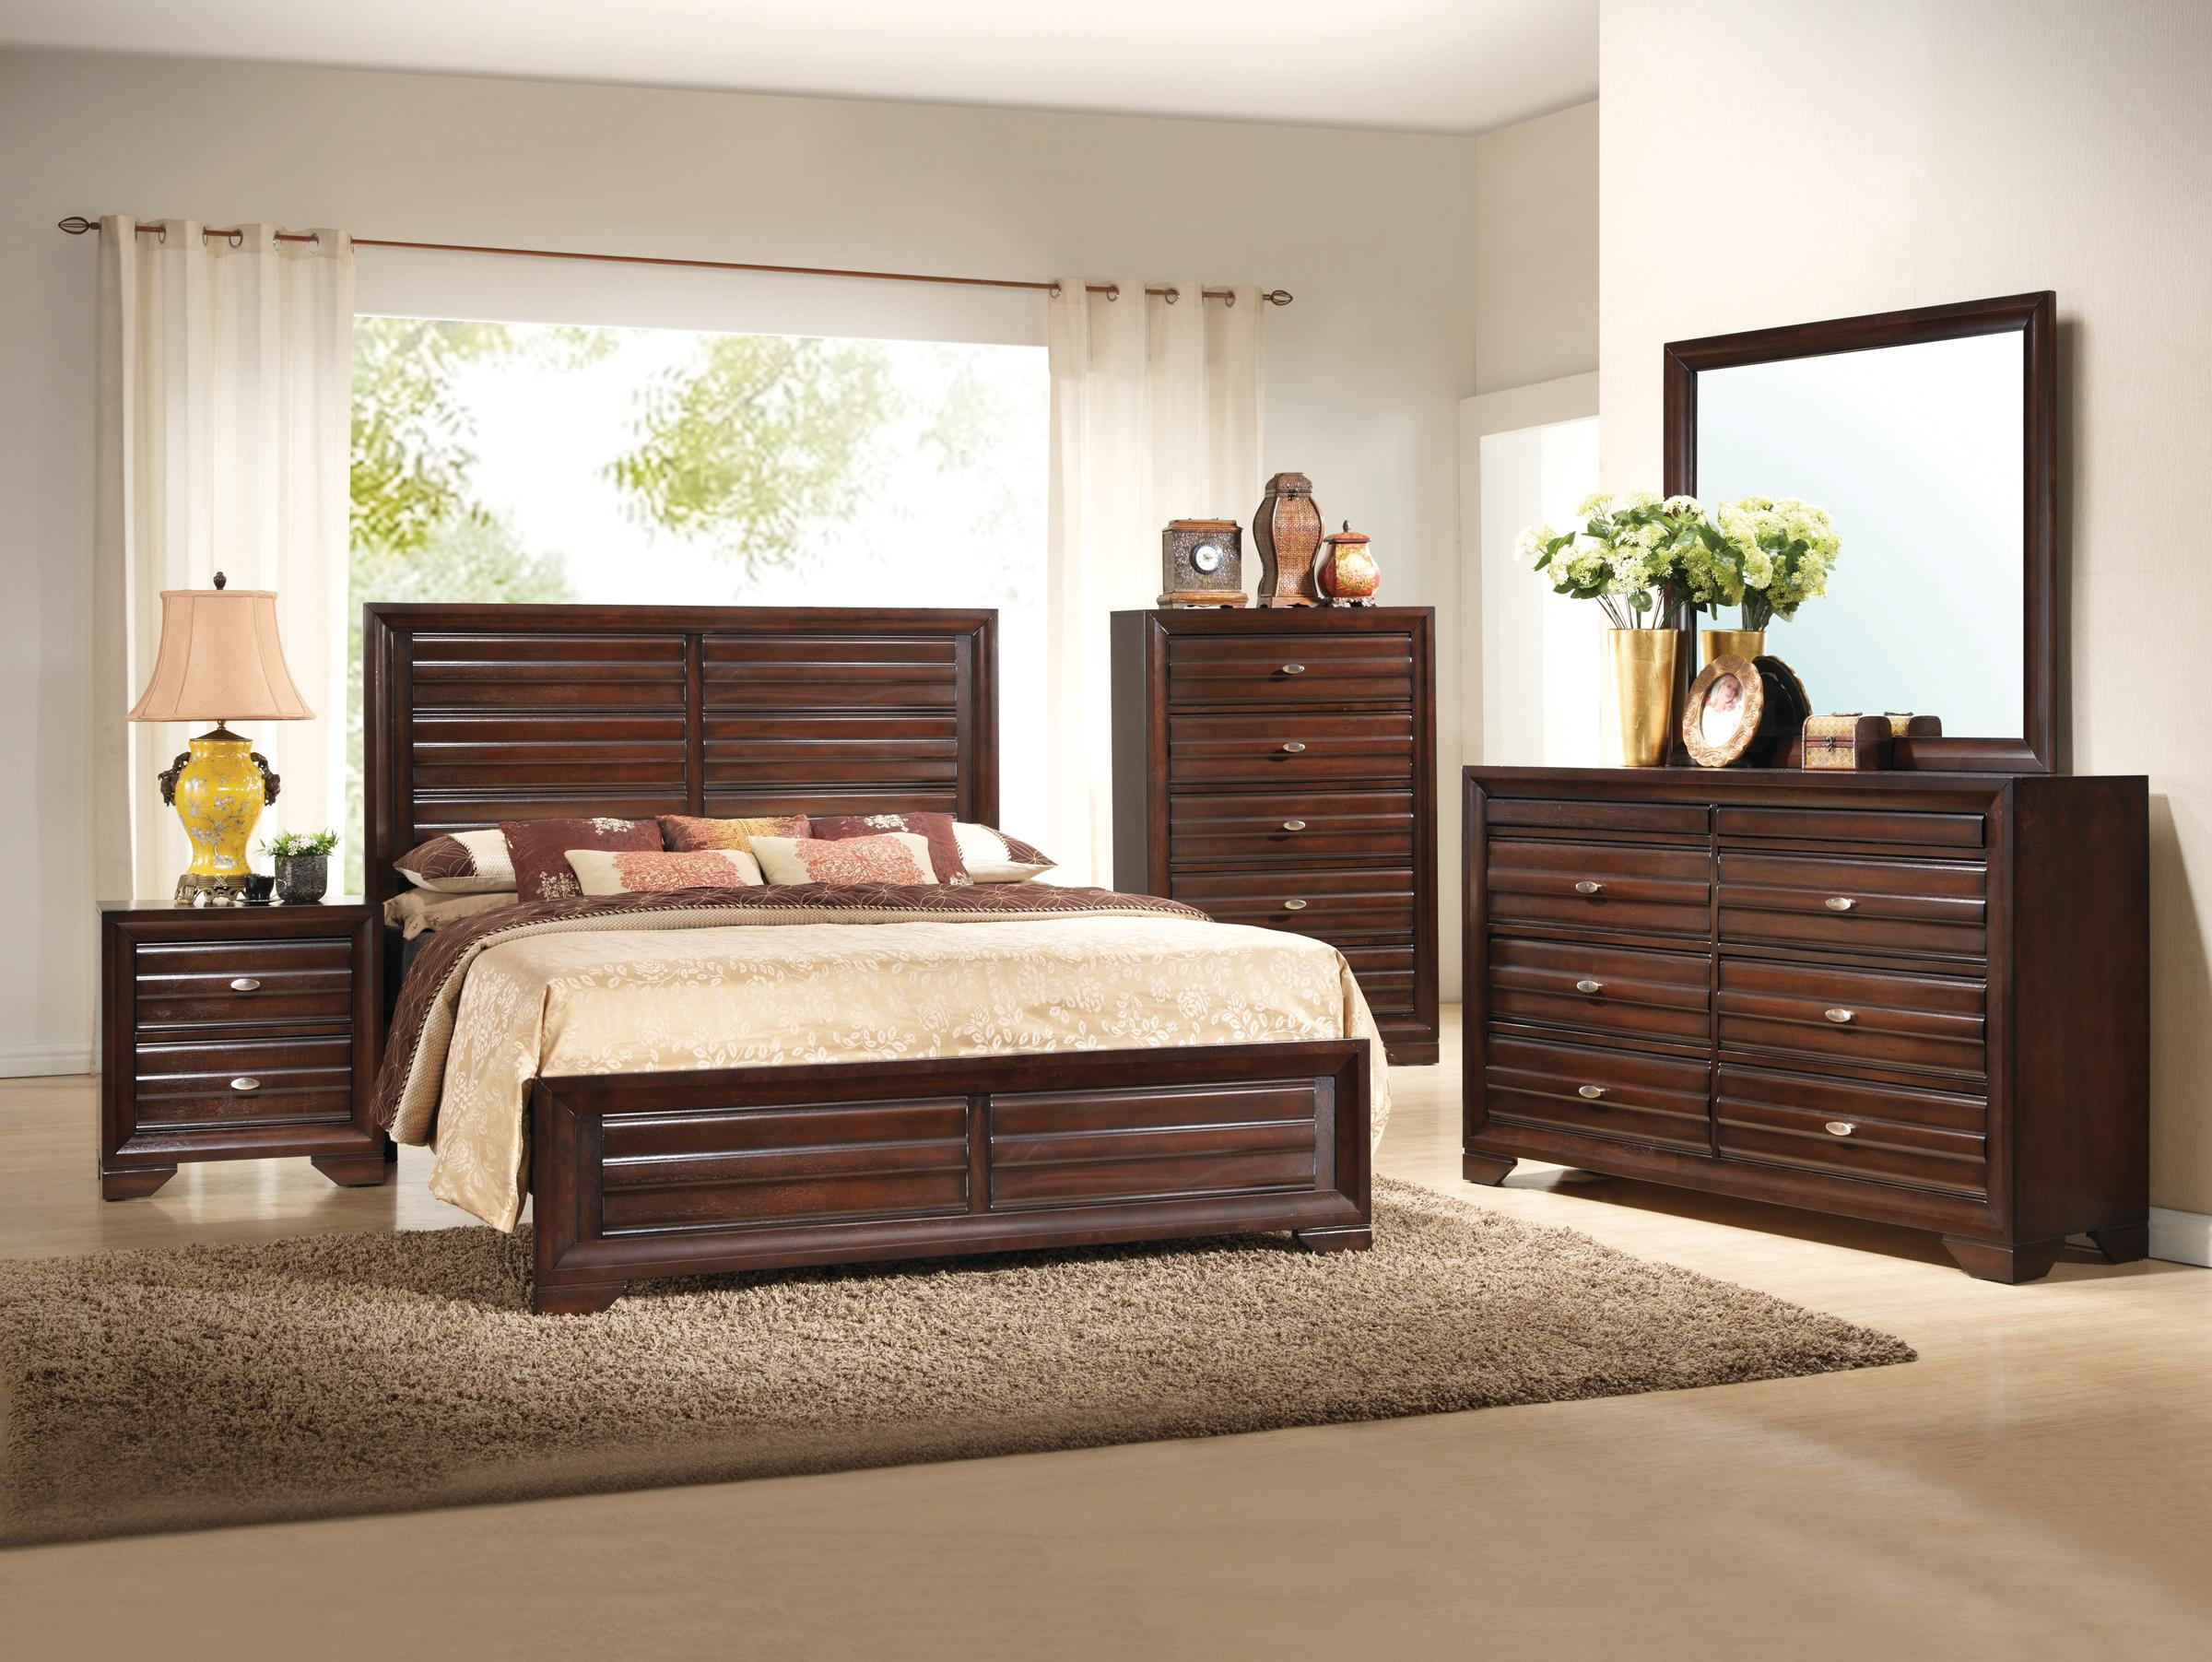 Crown Mark Stella Queen Bedroom Group - Item Number: B4500 Bedroom Group 1